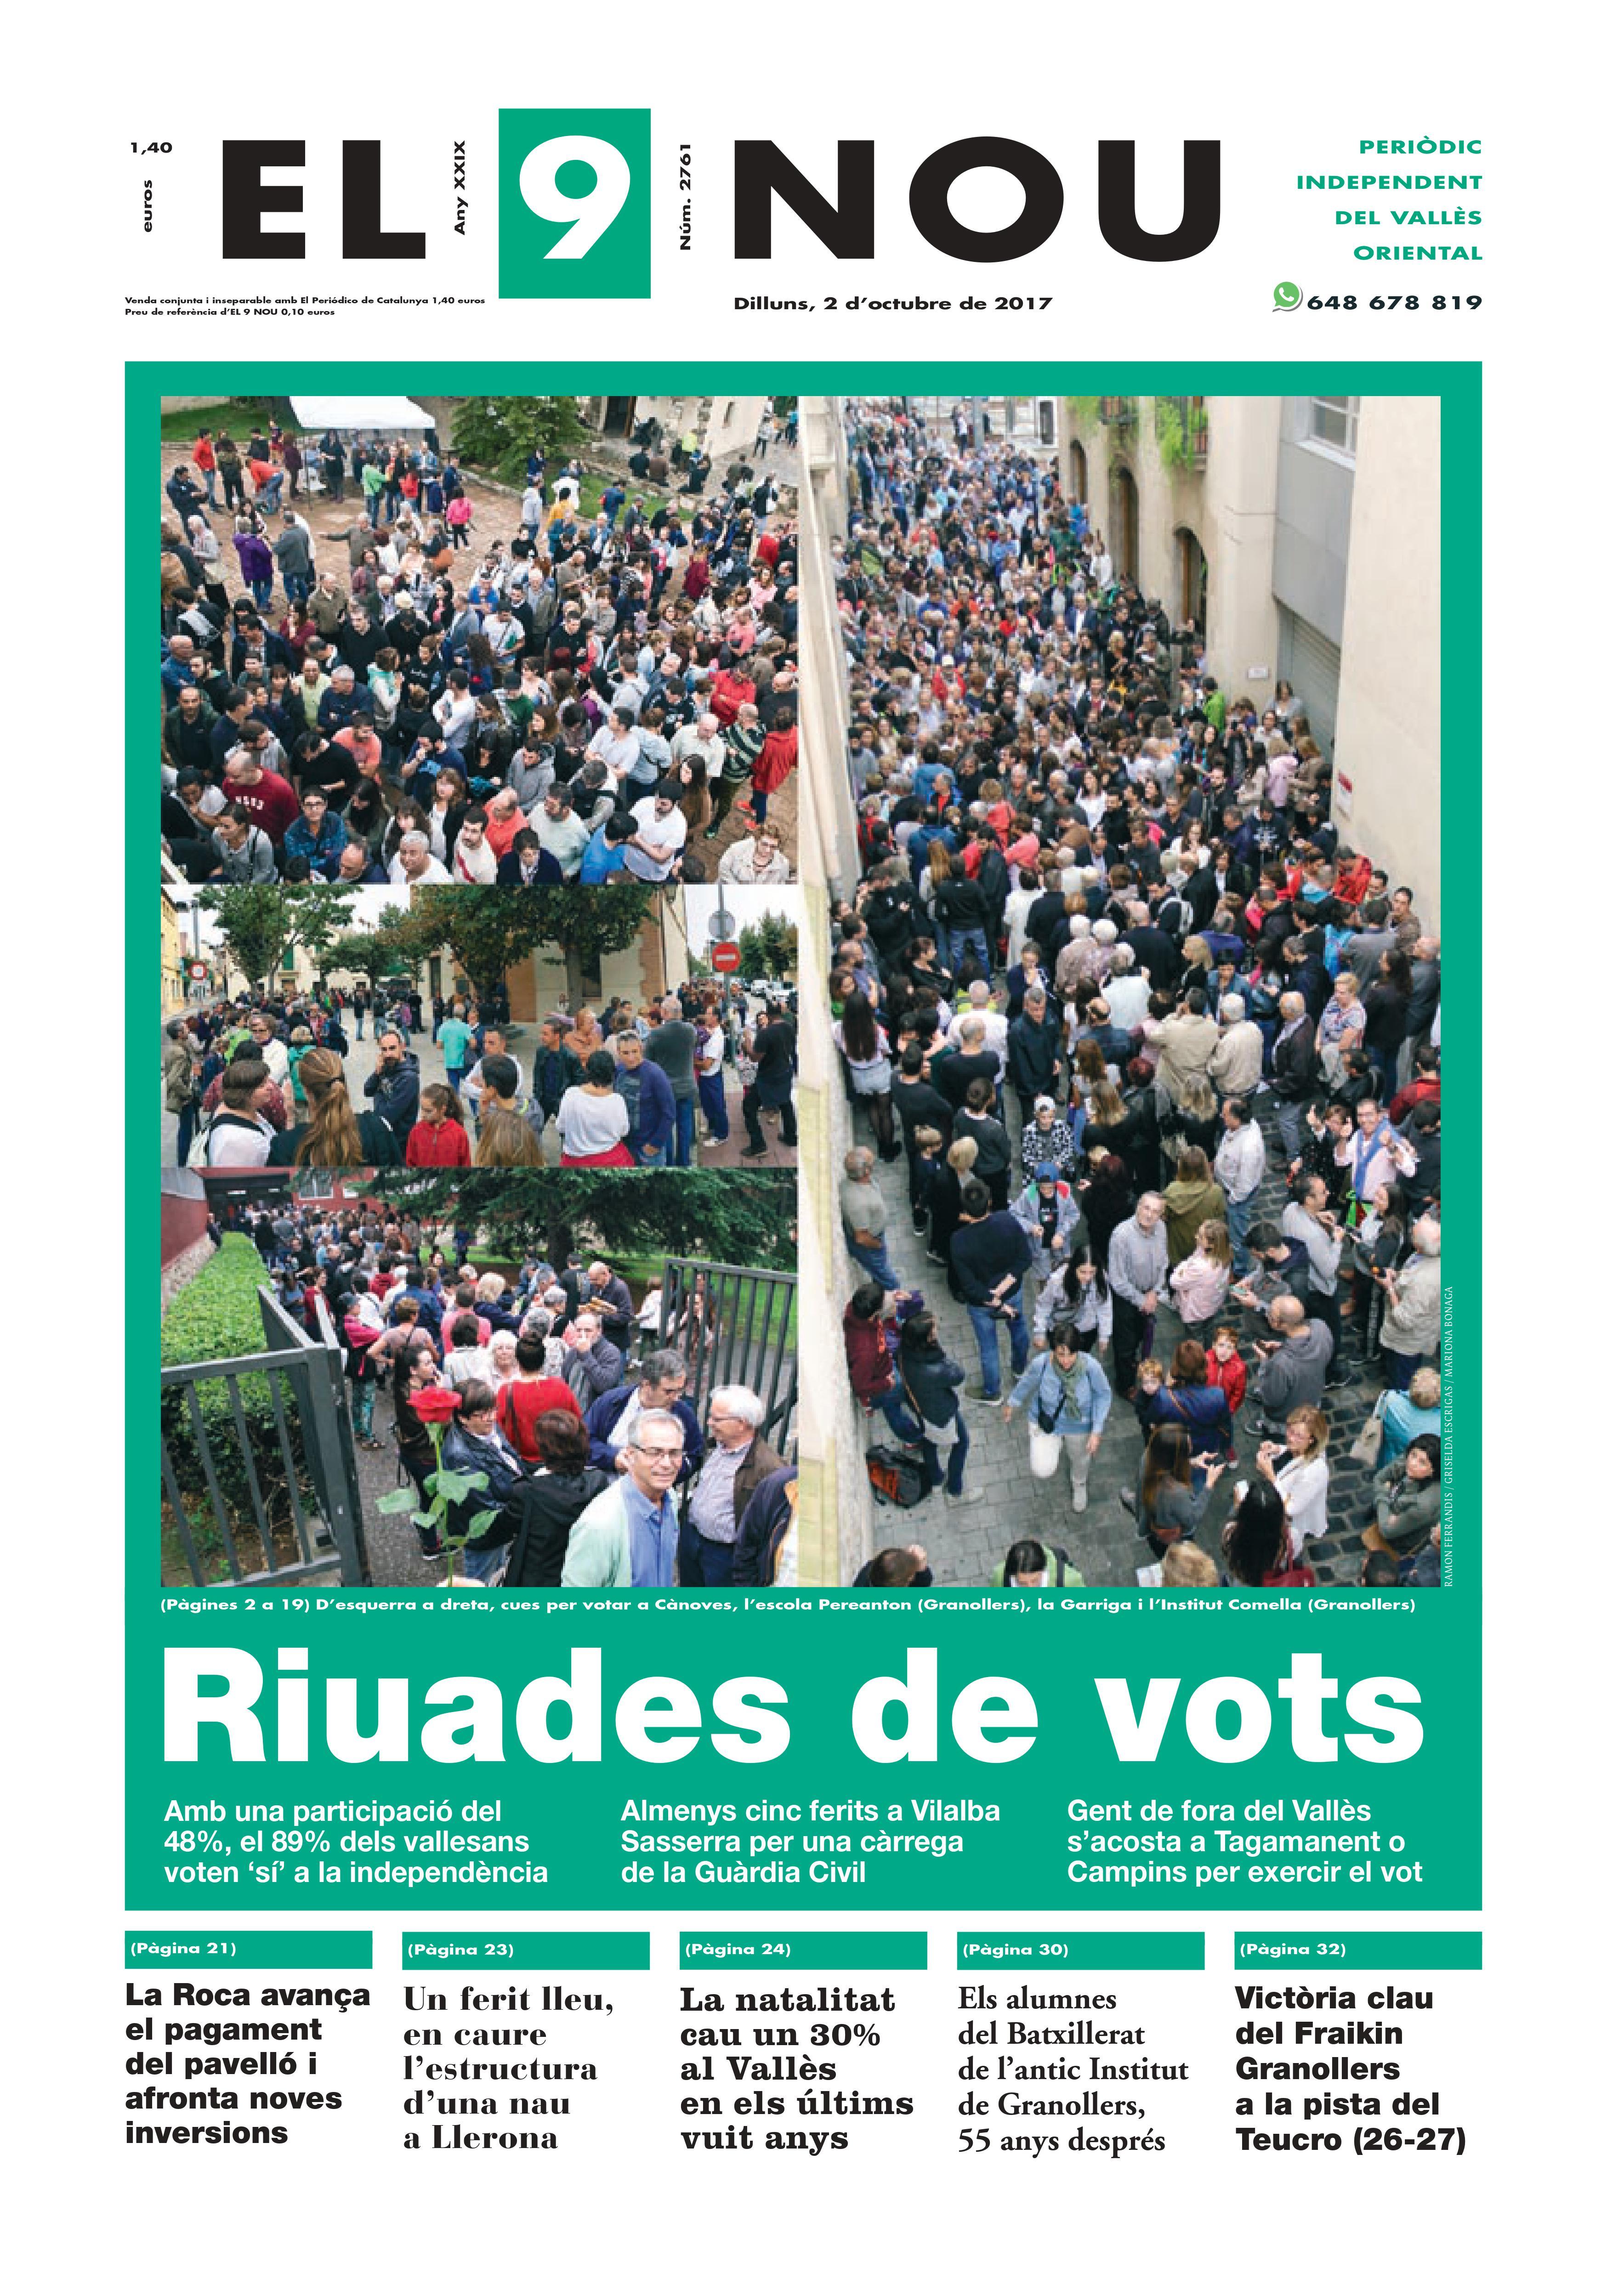 Primera plana EL 9 NOU Vallès dilluns 02_10_17